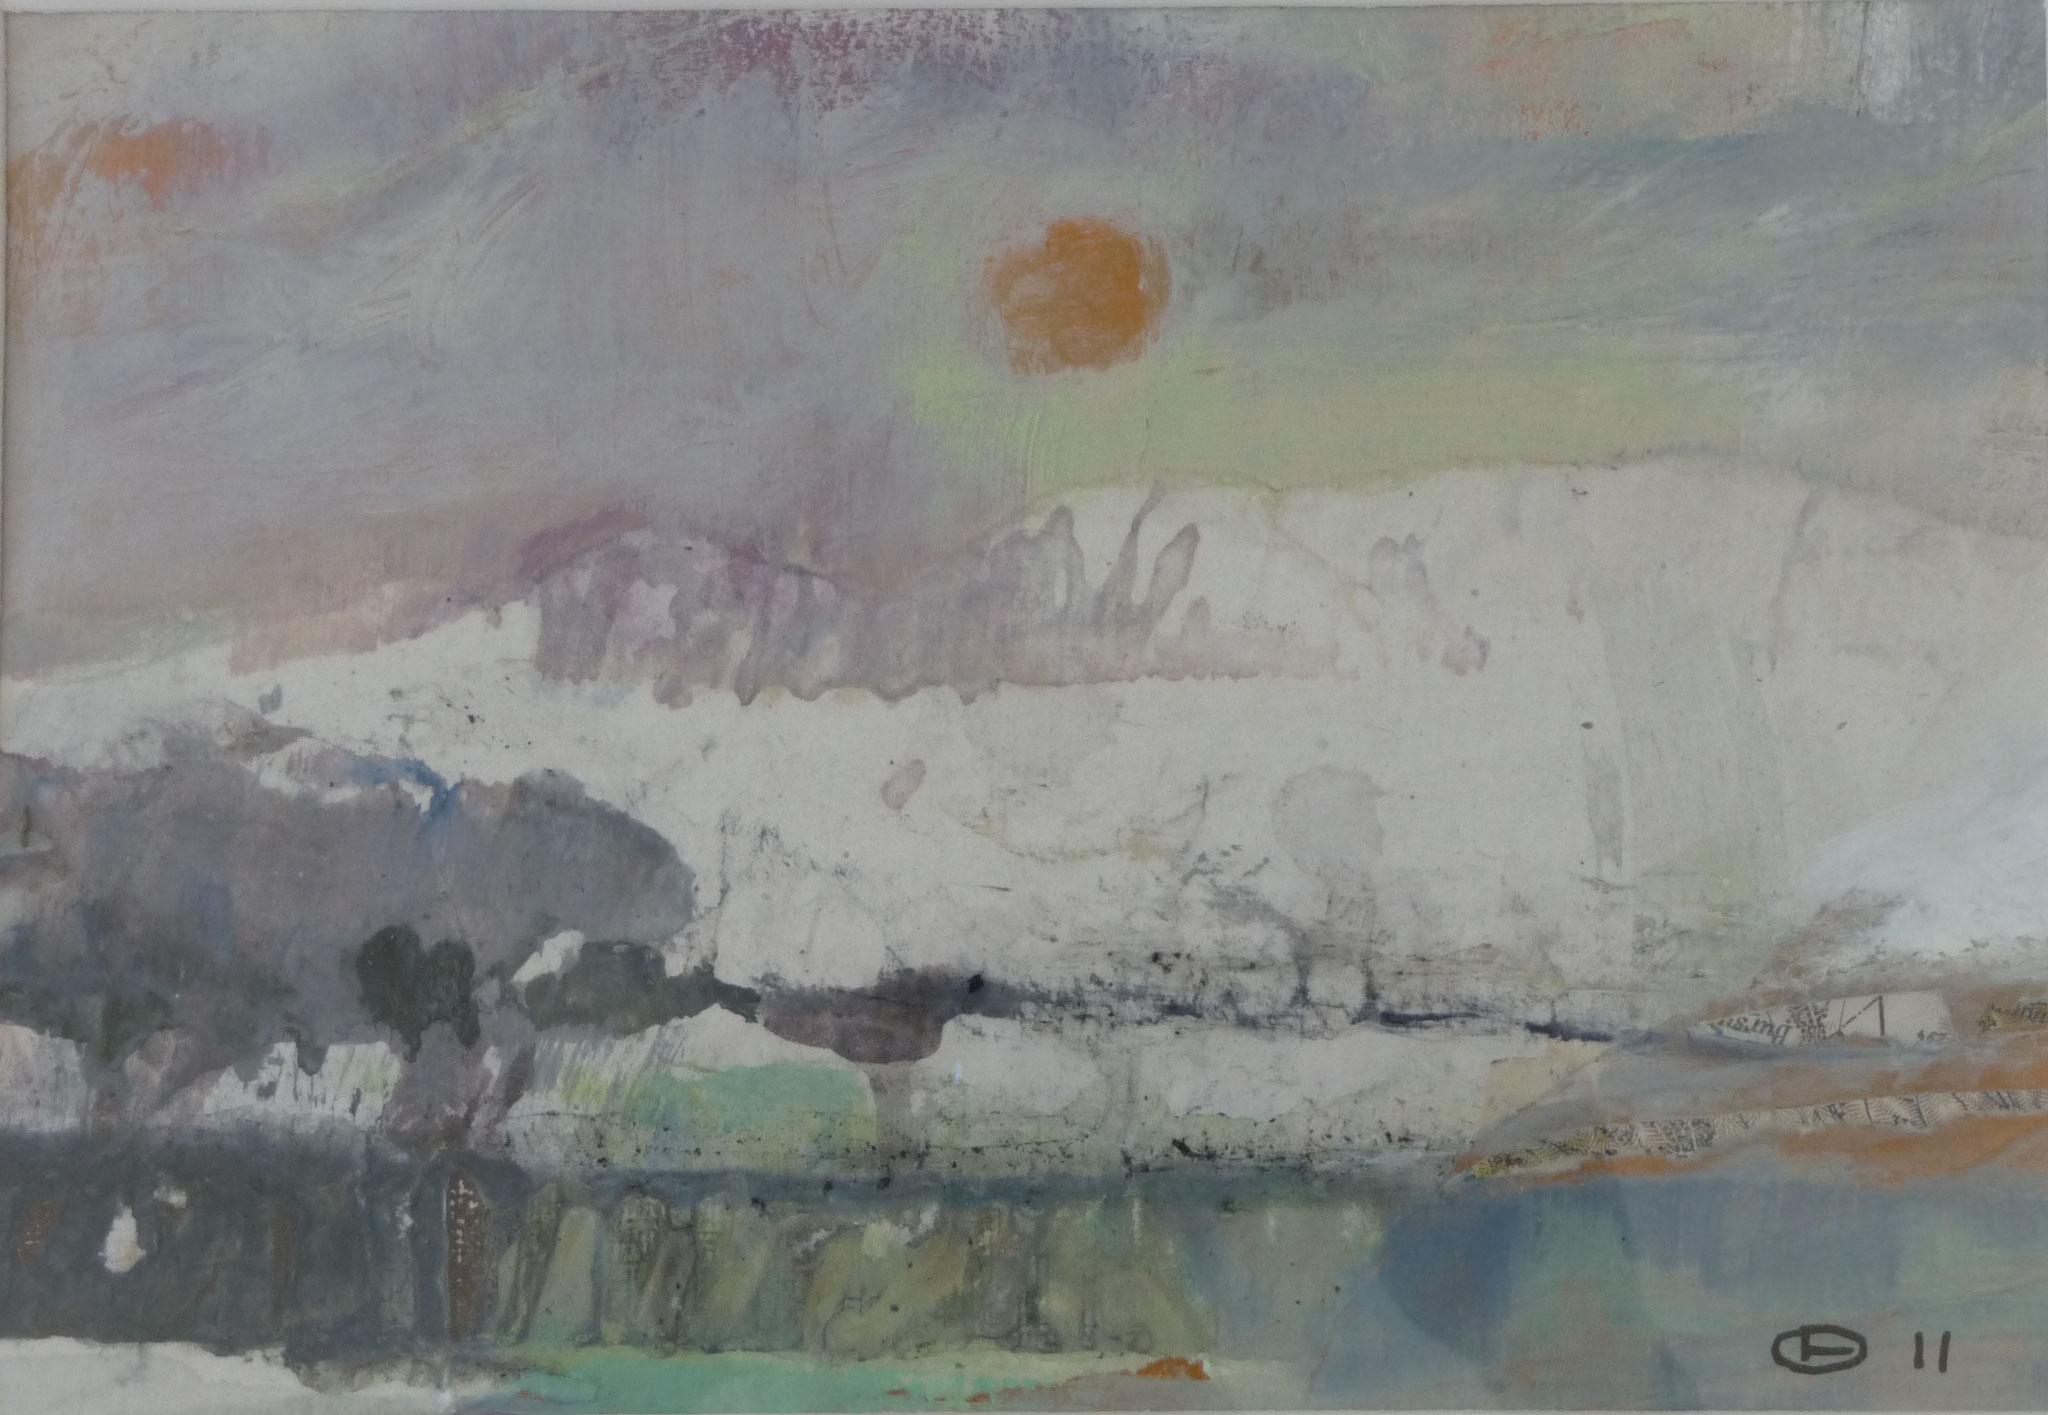 Sans titre   ---   2011 - Acrylique - 20 x 30 cm